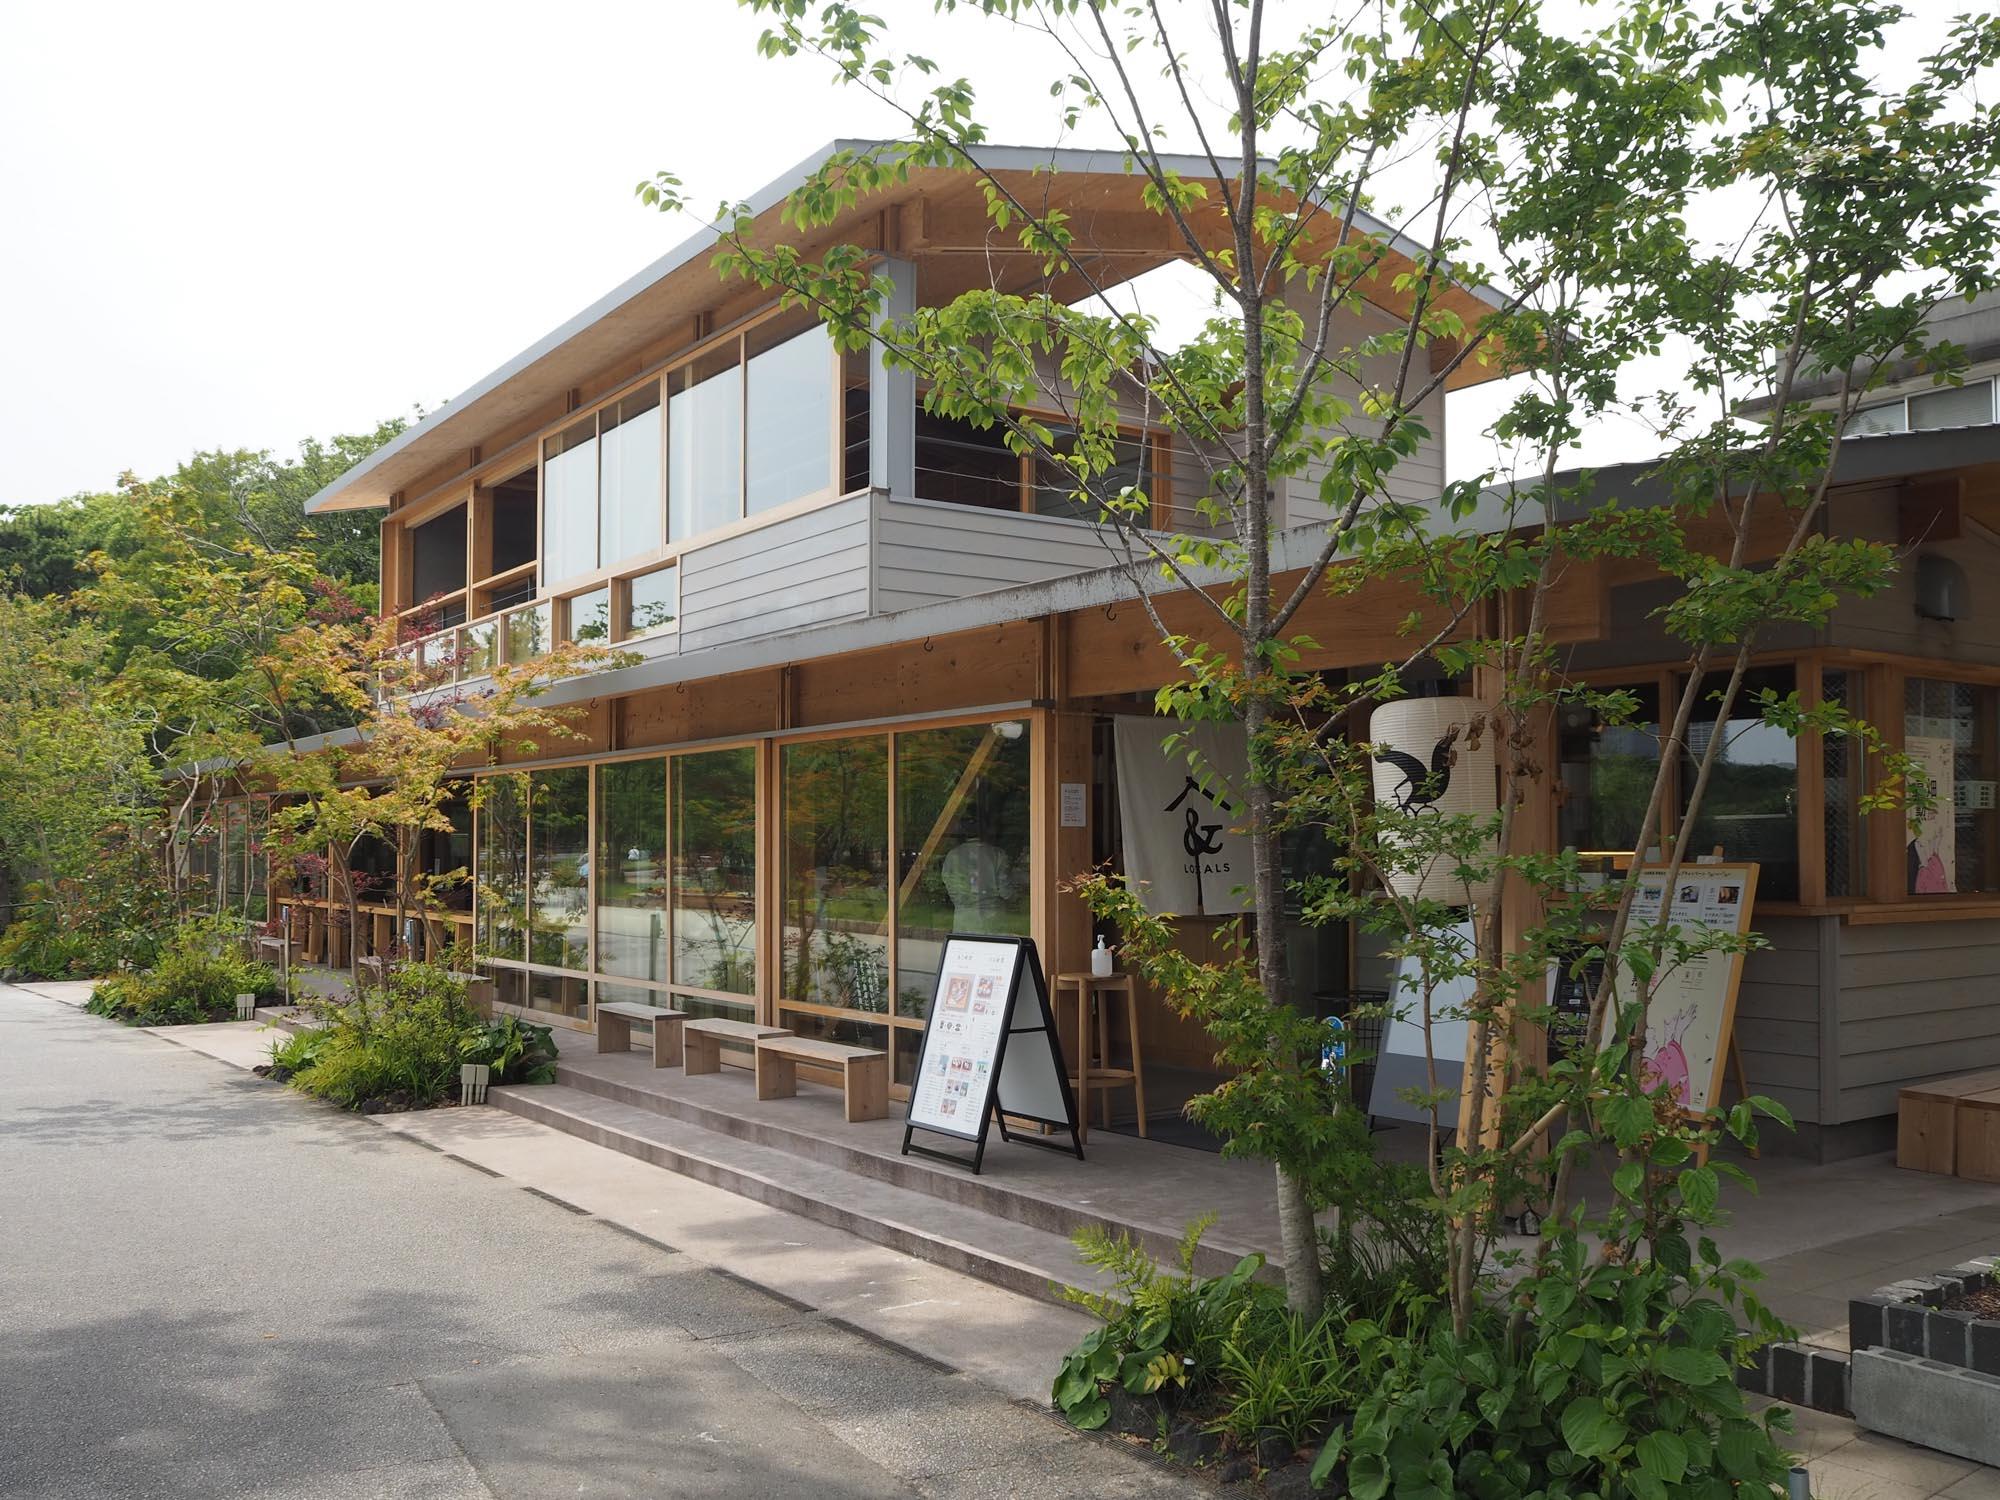 店内からも大濠池を望むことのできる、日本風のおしゃれな建物です。